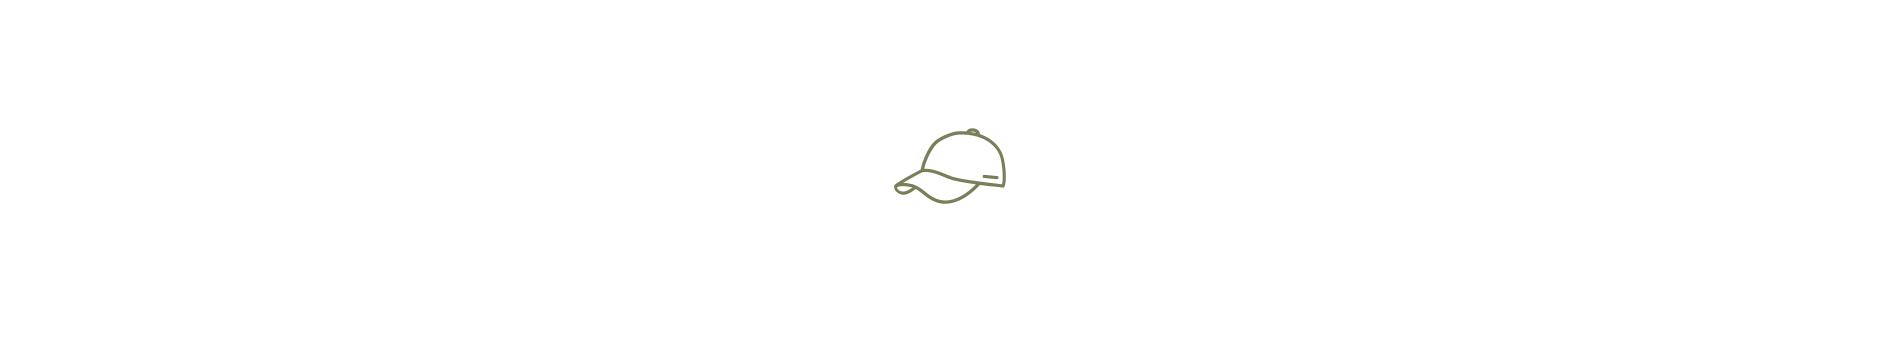 Casquettes - Bobs - Chapeaux